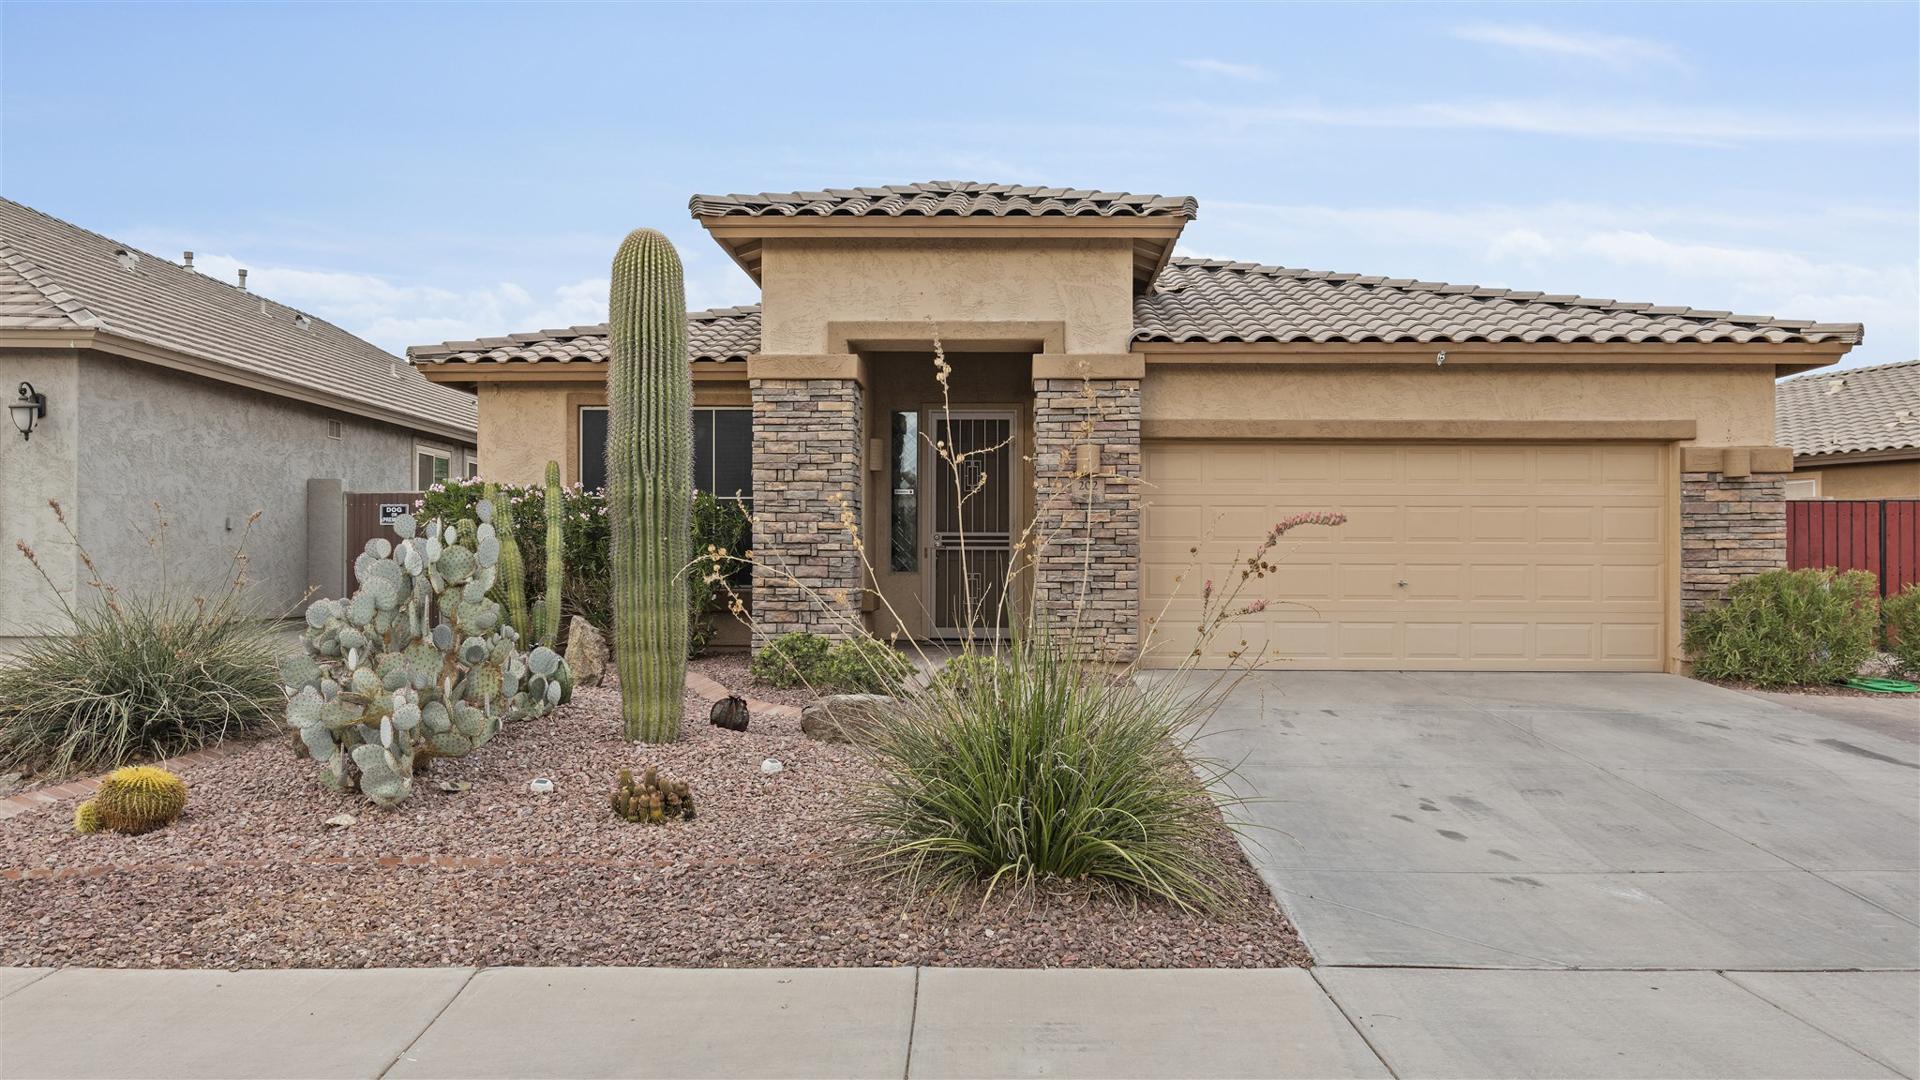 UNDER CONTRACT - 202 E Rock Wren Drive, San Tan Valley, AZ 85143 - Johnson Ranch | Amy Jones Group Copy